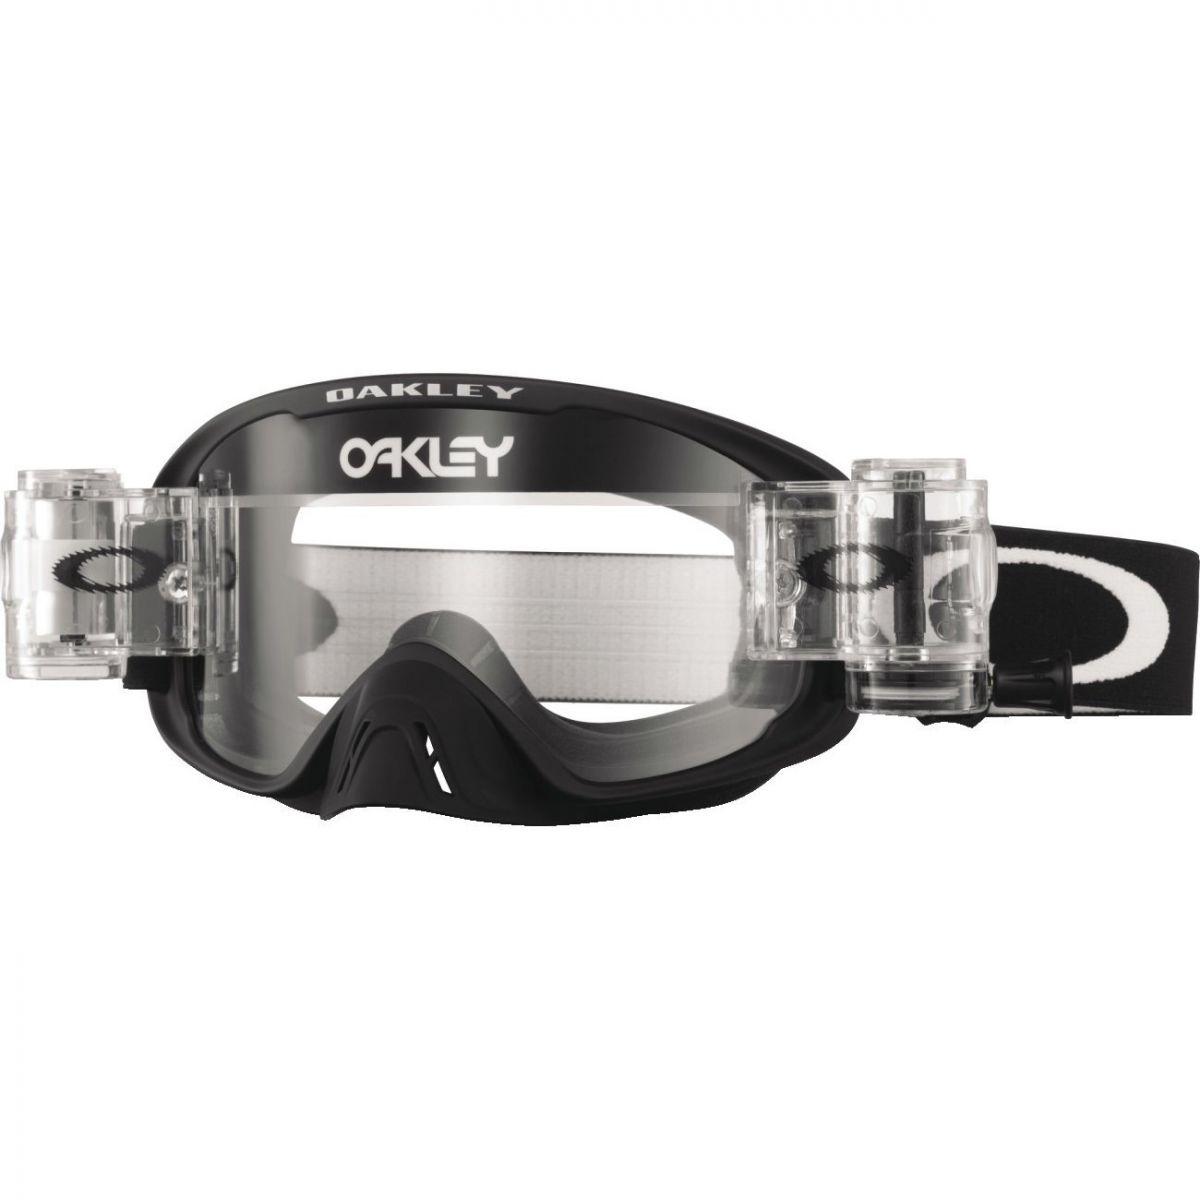 Oakley - O-Frame 2.0 Solid (Roll-Off) очки черные матовые, линза прозрачная